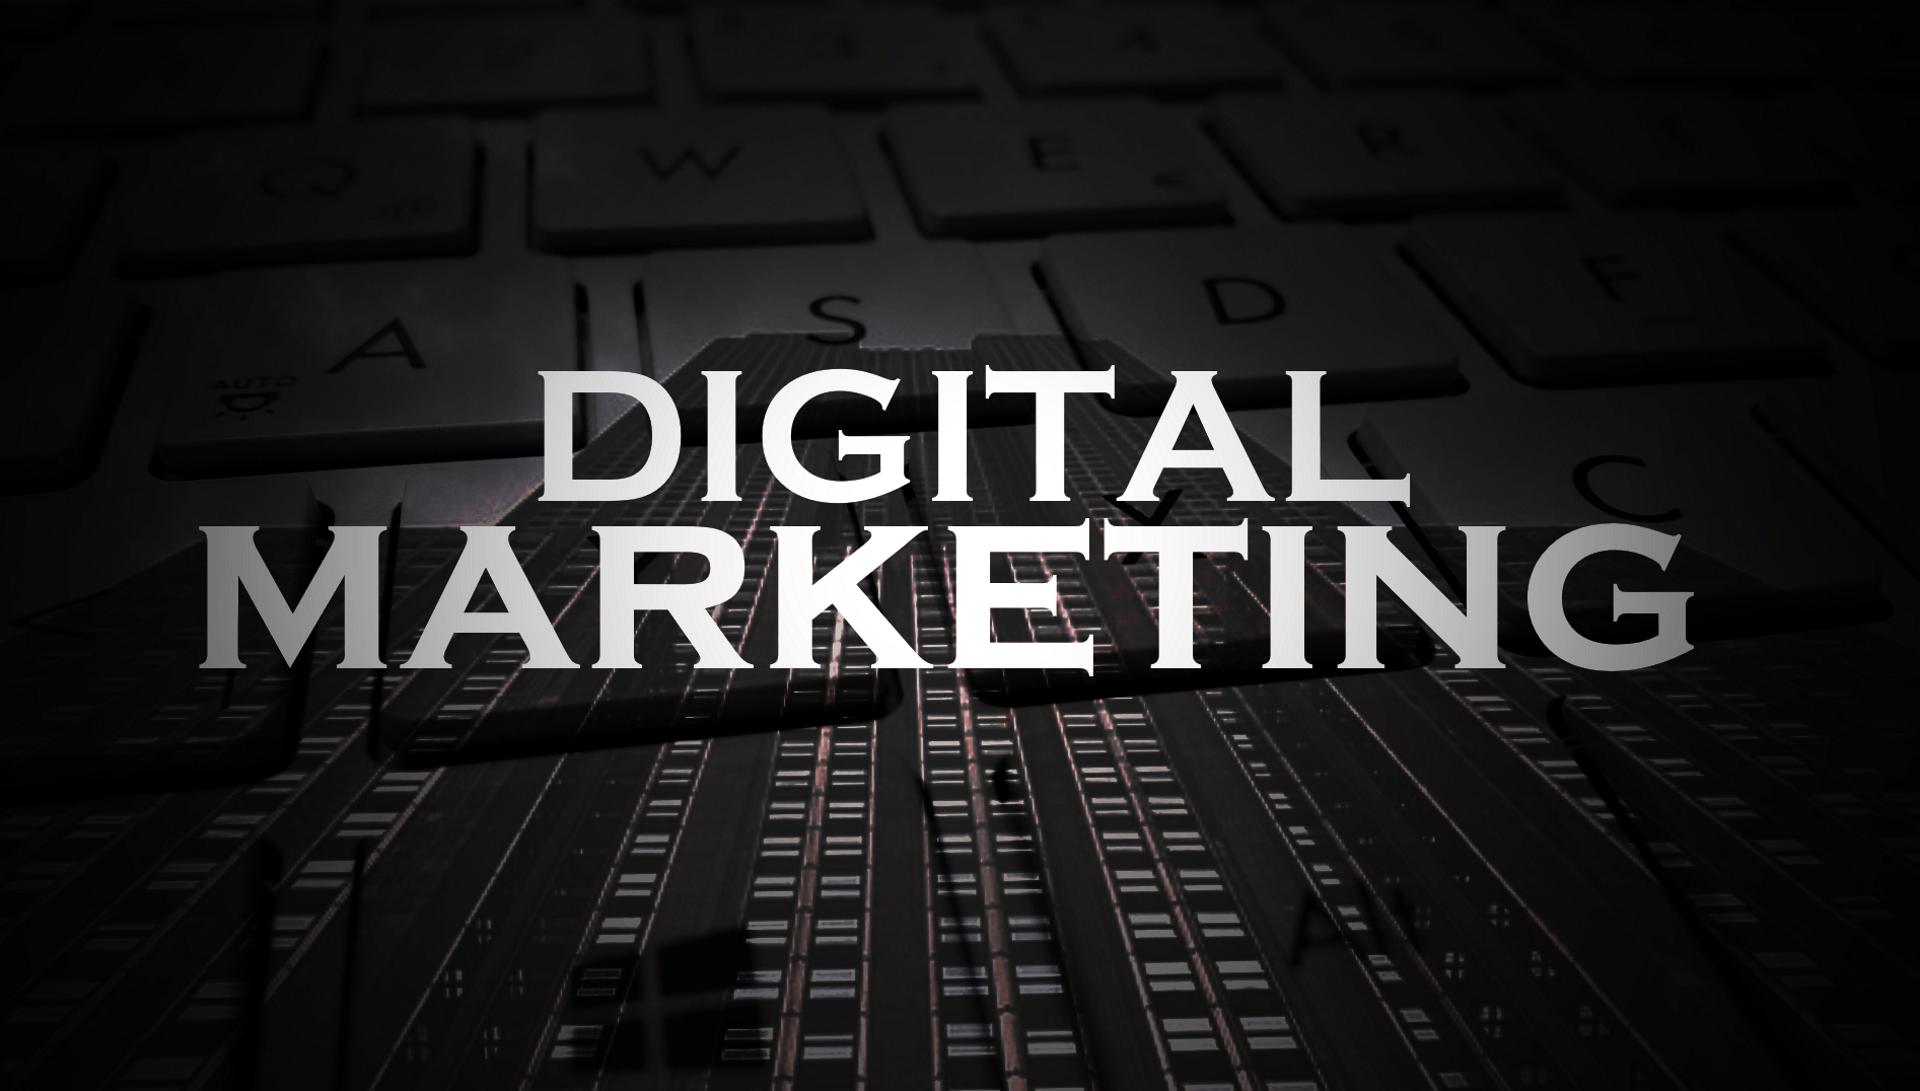 Få flere kunder med riktig markedsføring